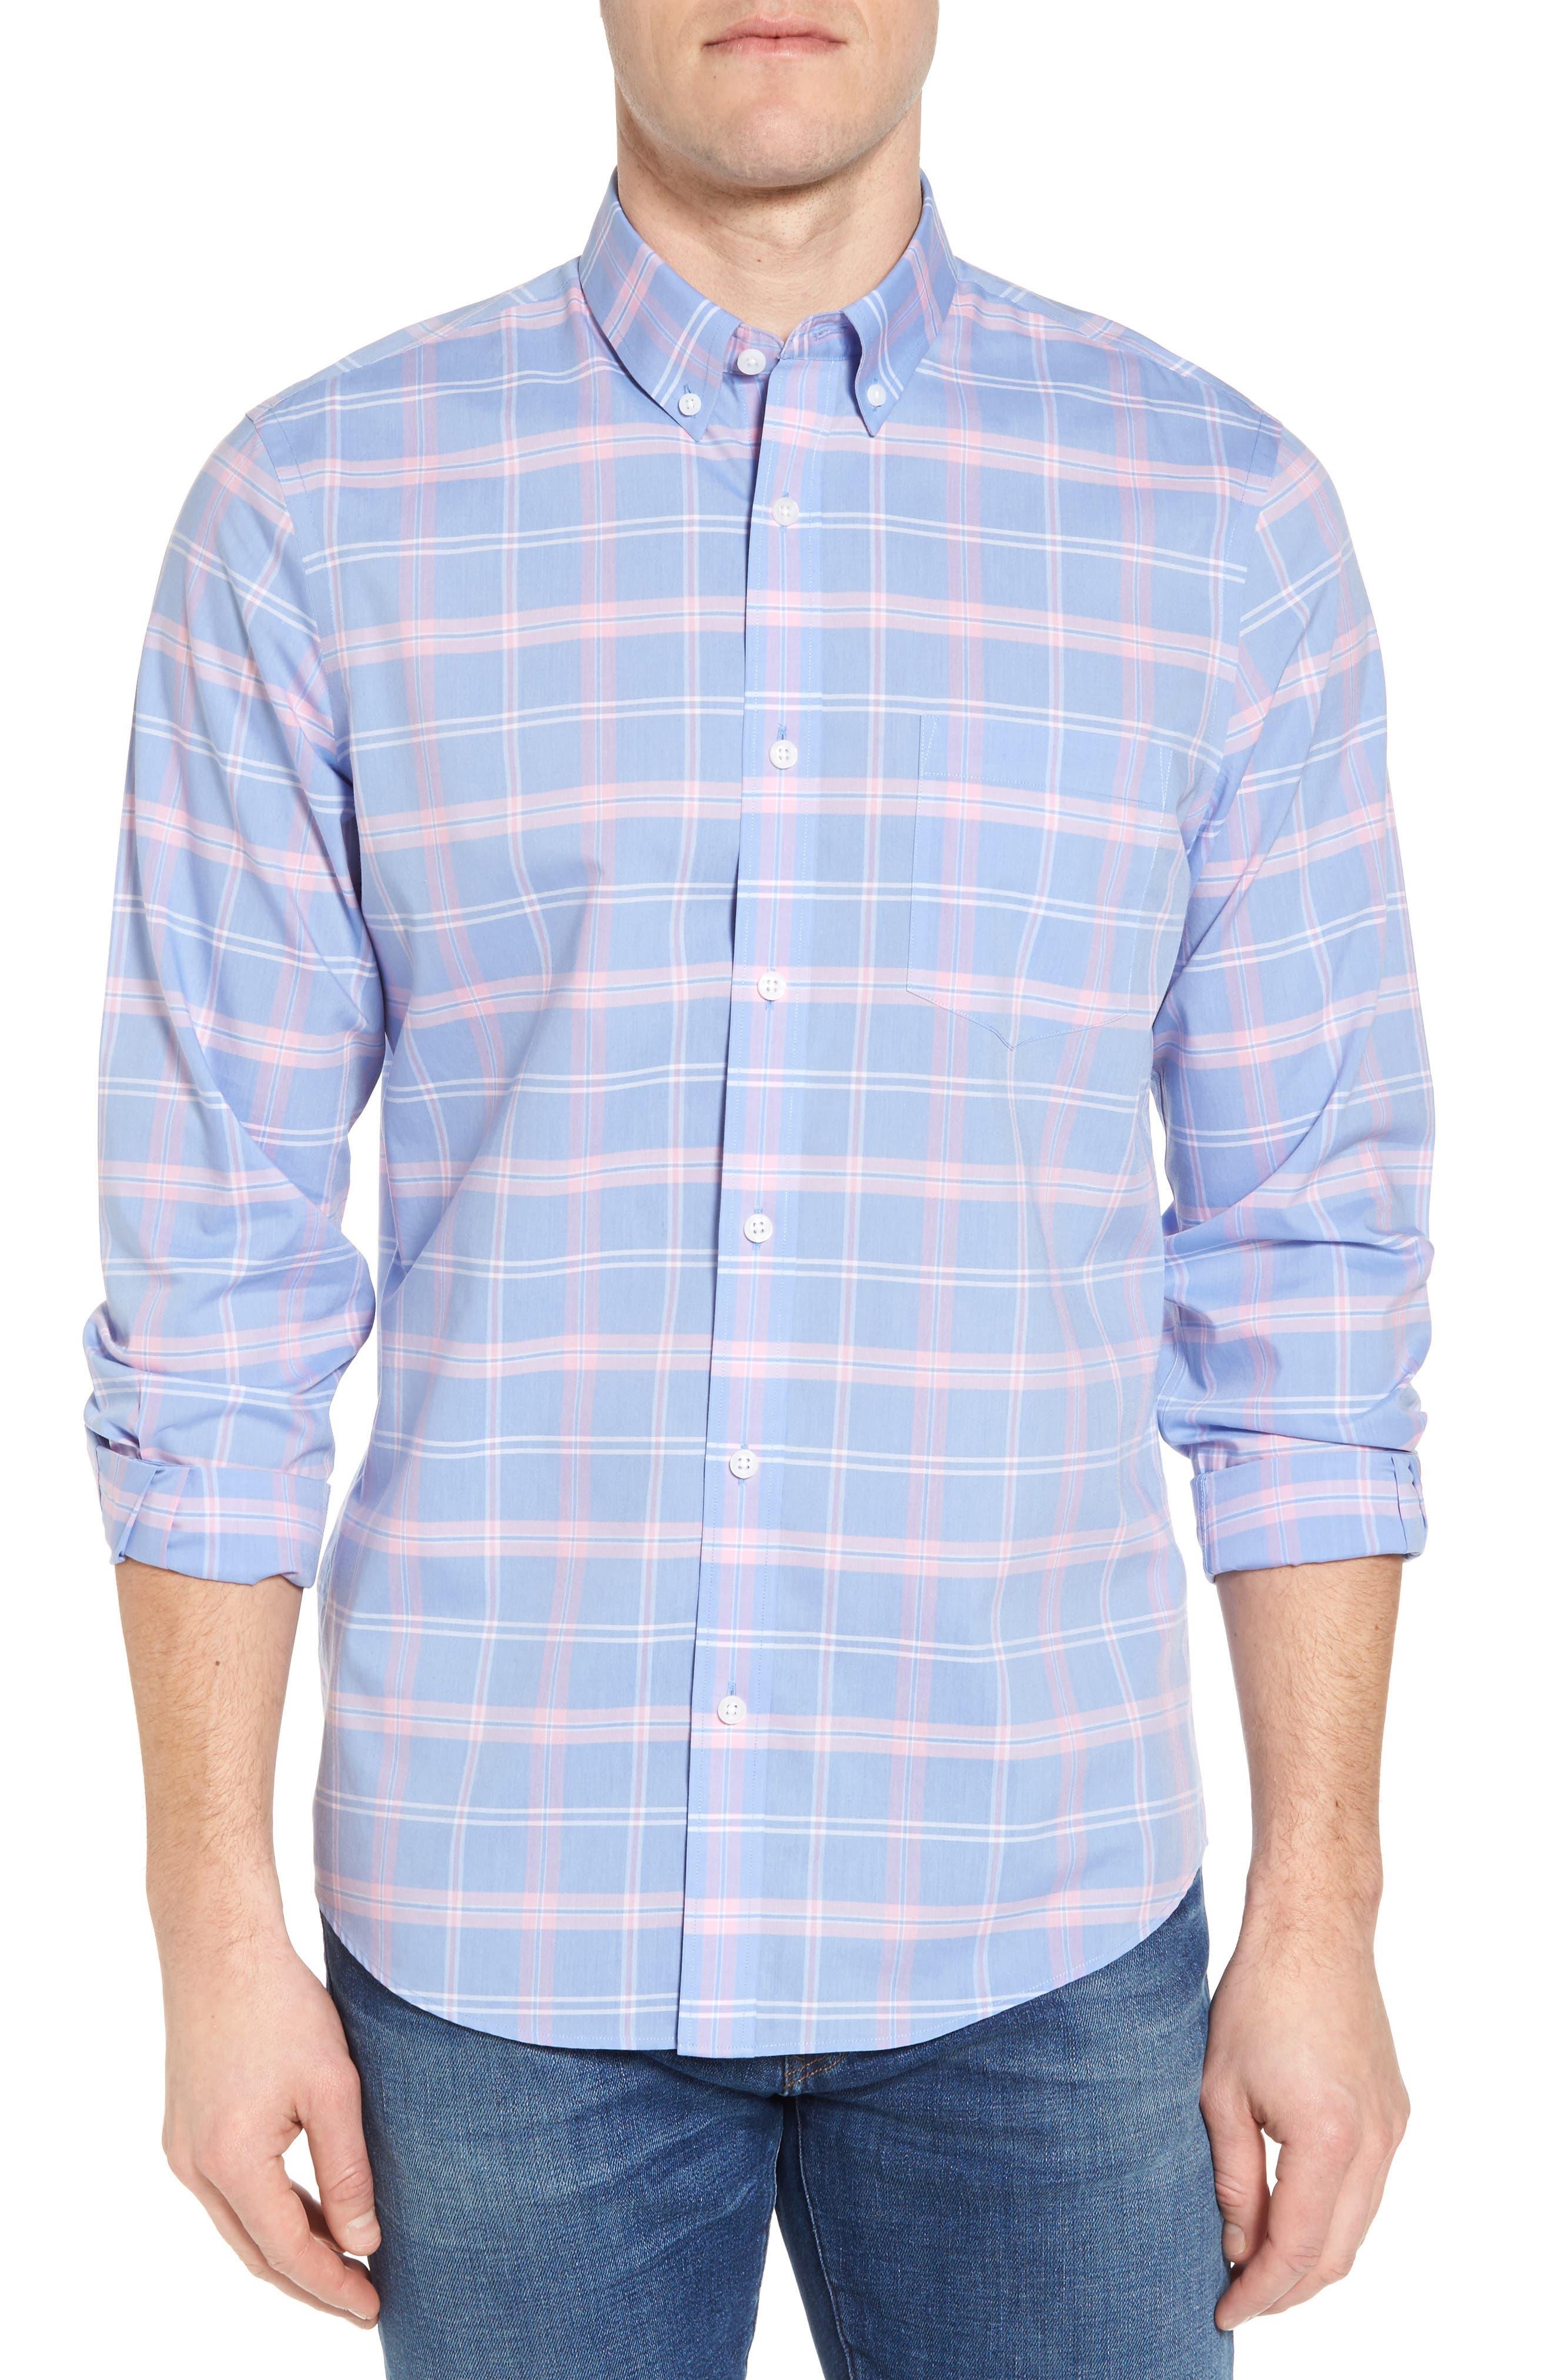 Smartcare<sup>™</sup> Regular Fit Plaid Sport Shirt,                             Main thumbnail 1, color,                             Blue Dusk Pink Plaid